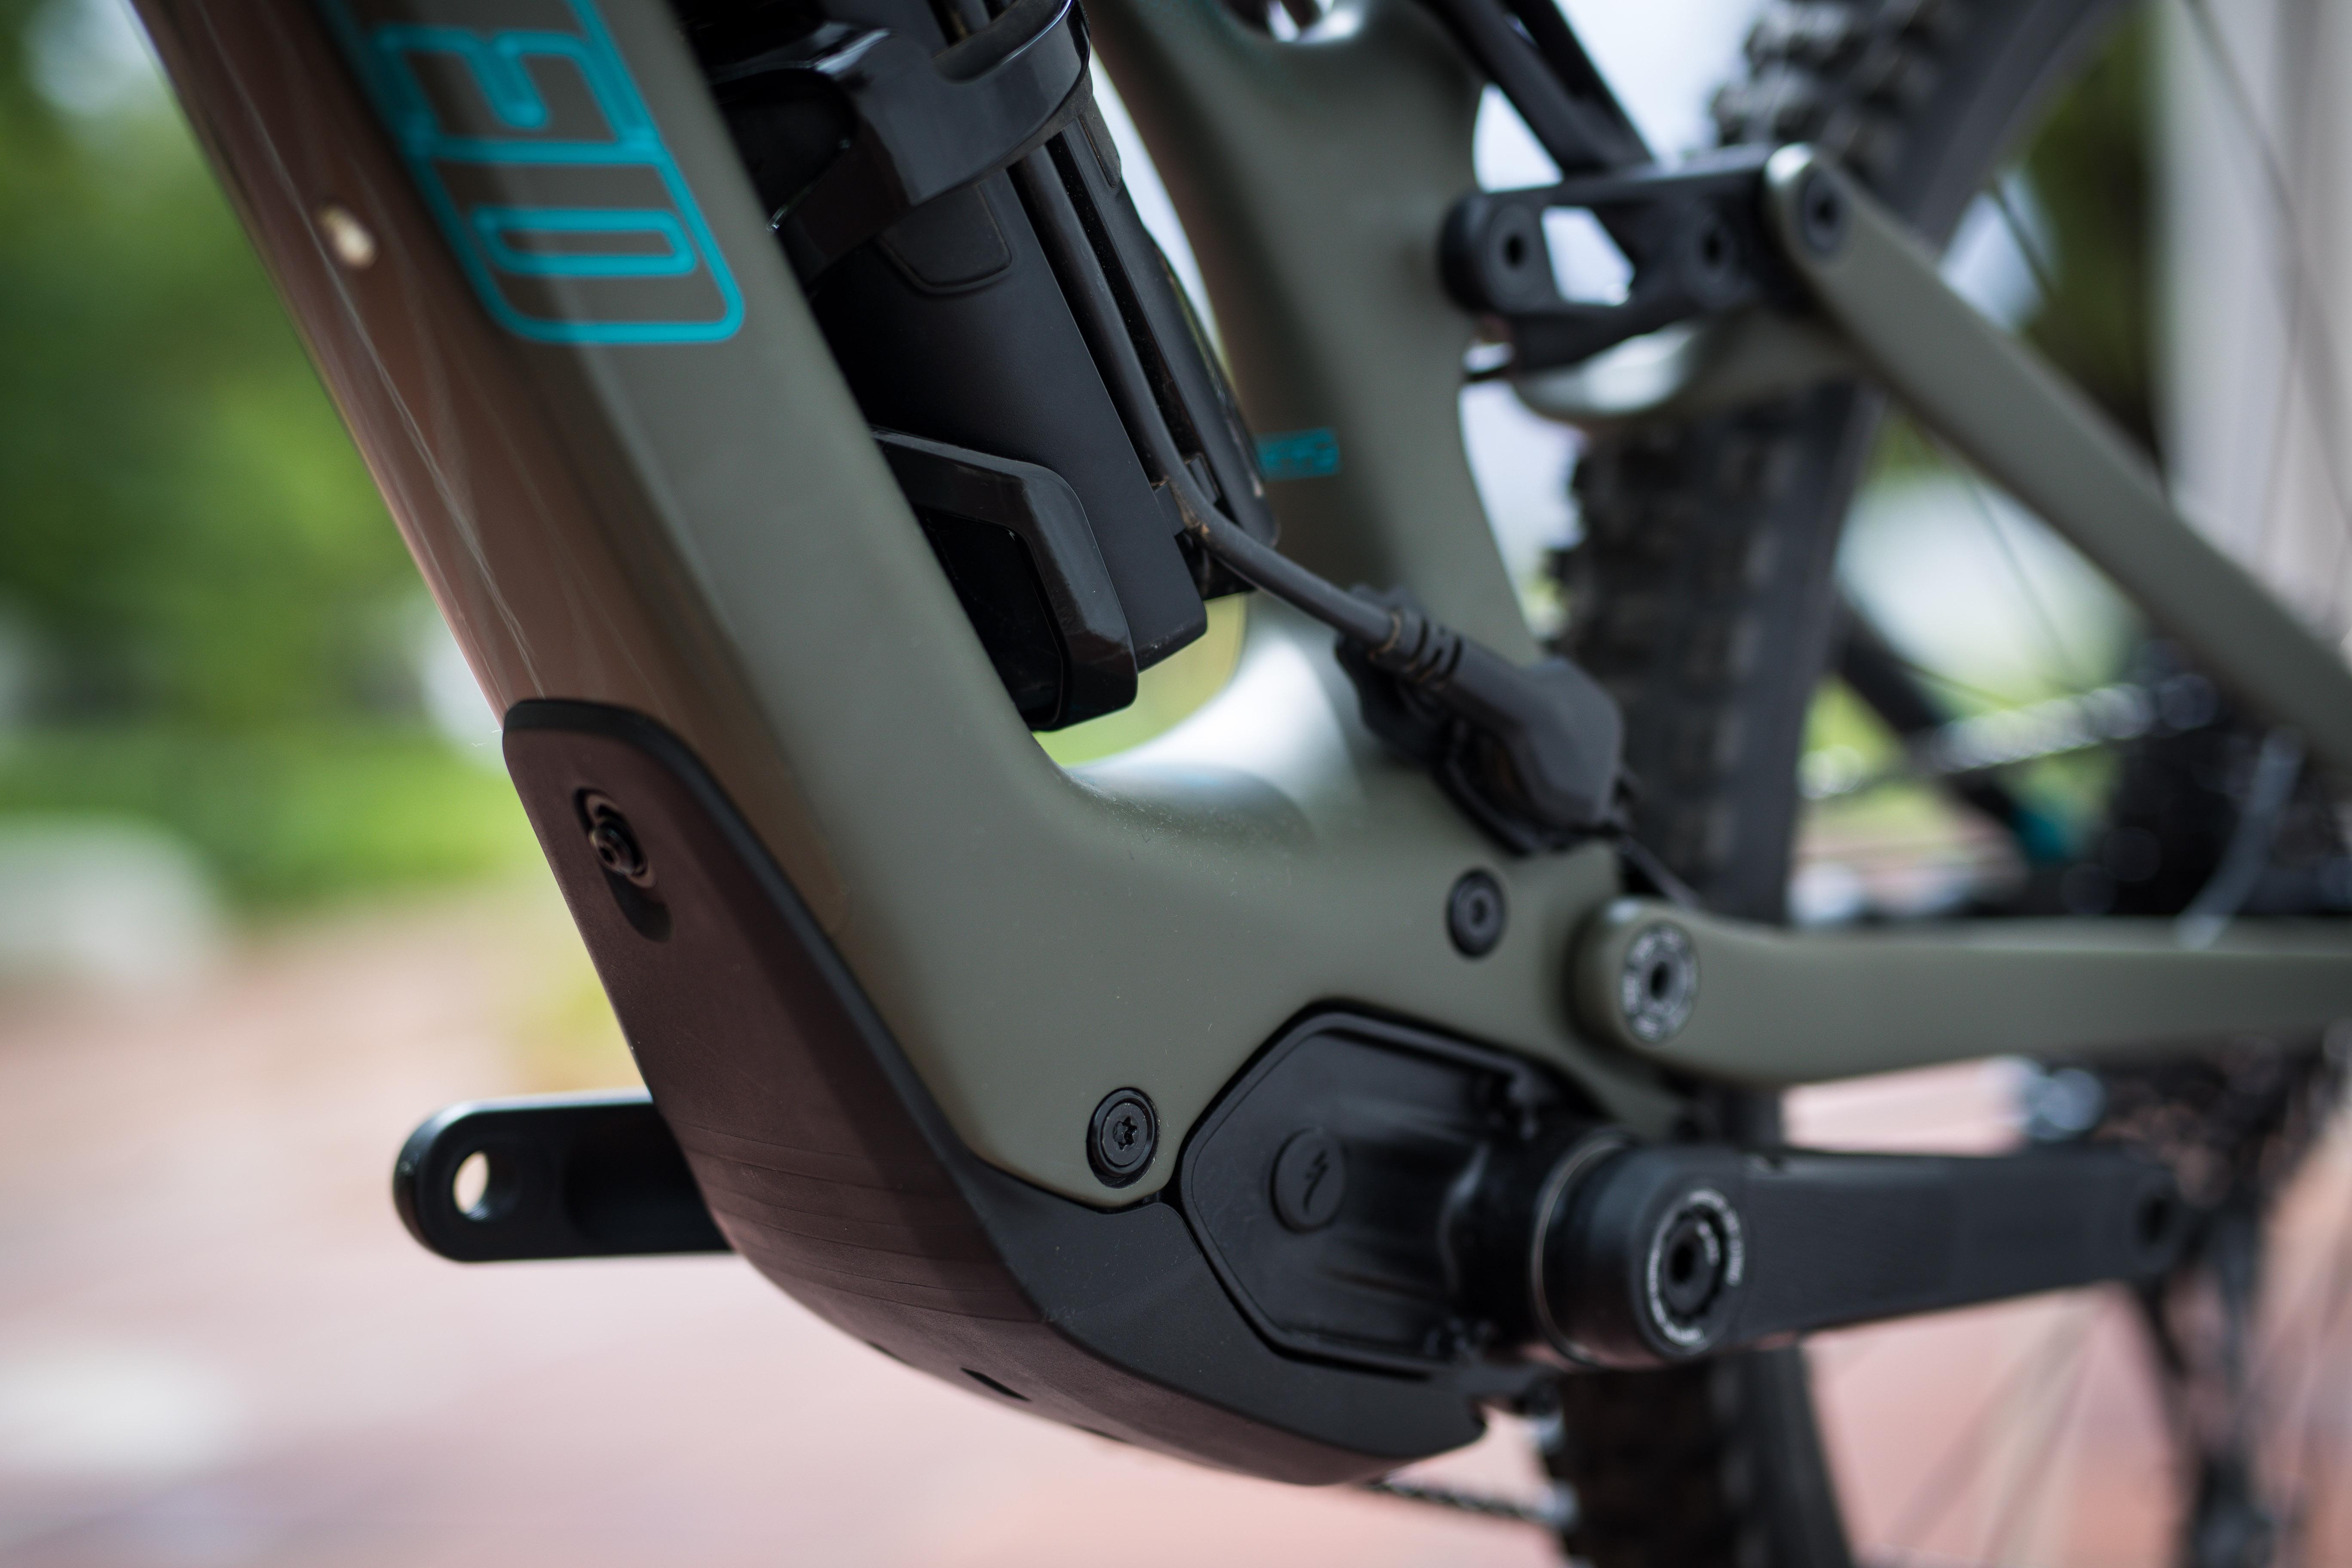 Some bikes like the Levo SL support an external range extender battery.